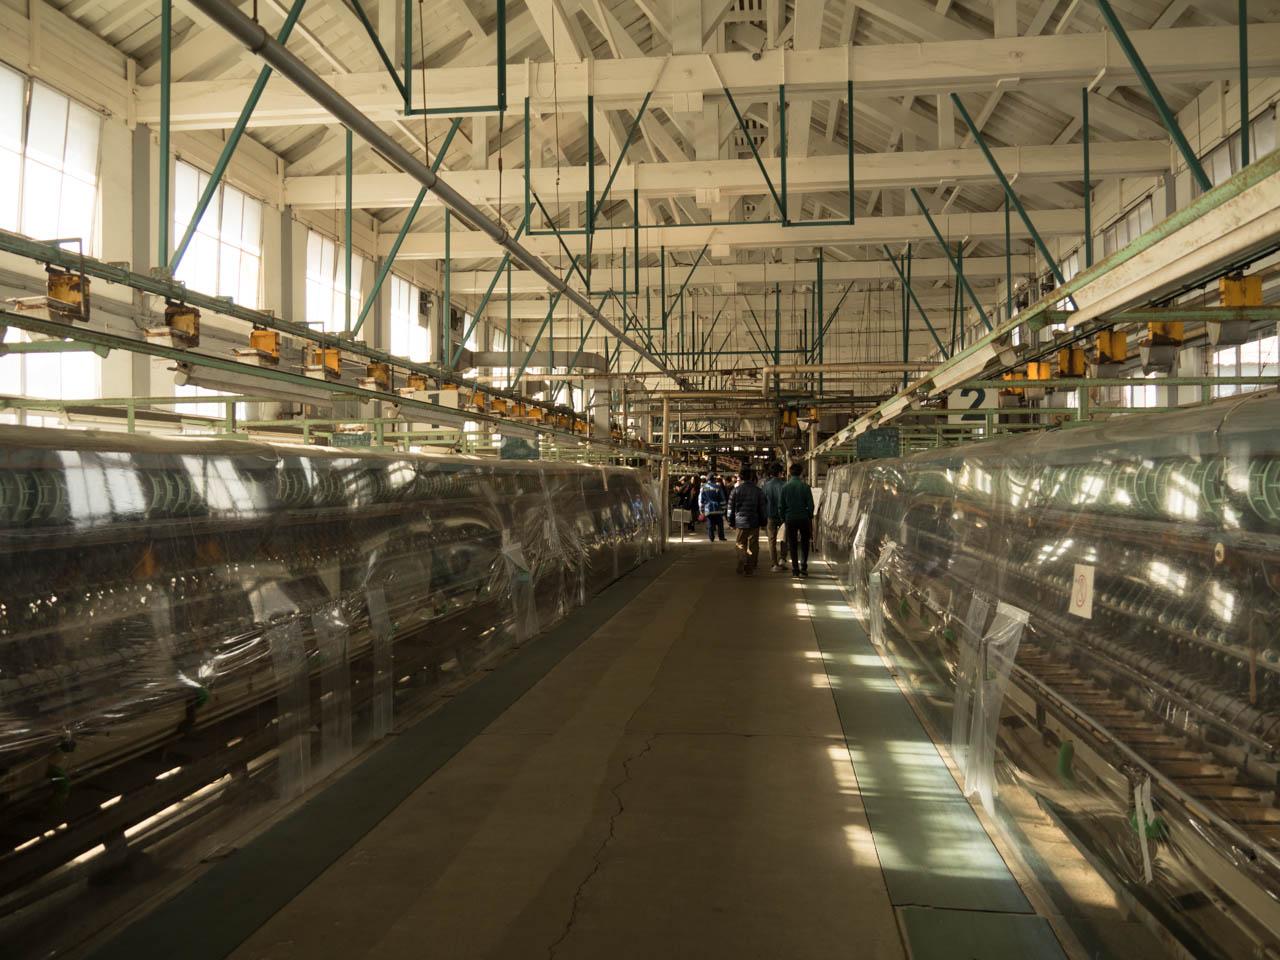 製糸設備も残されている